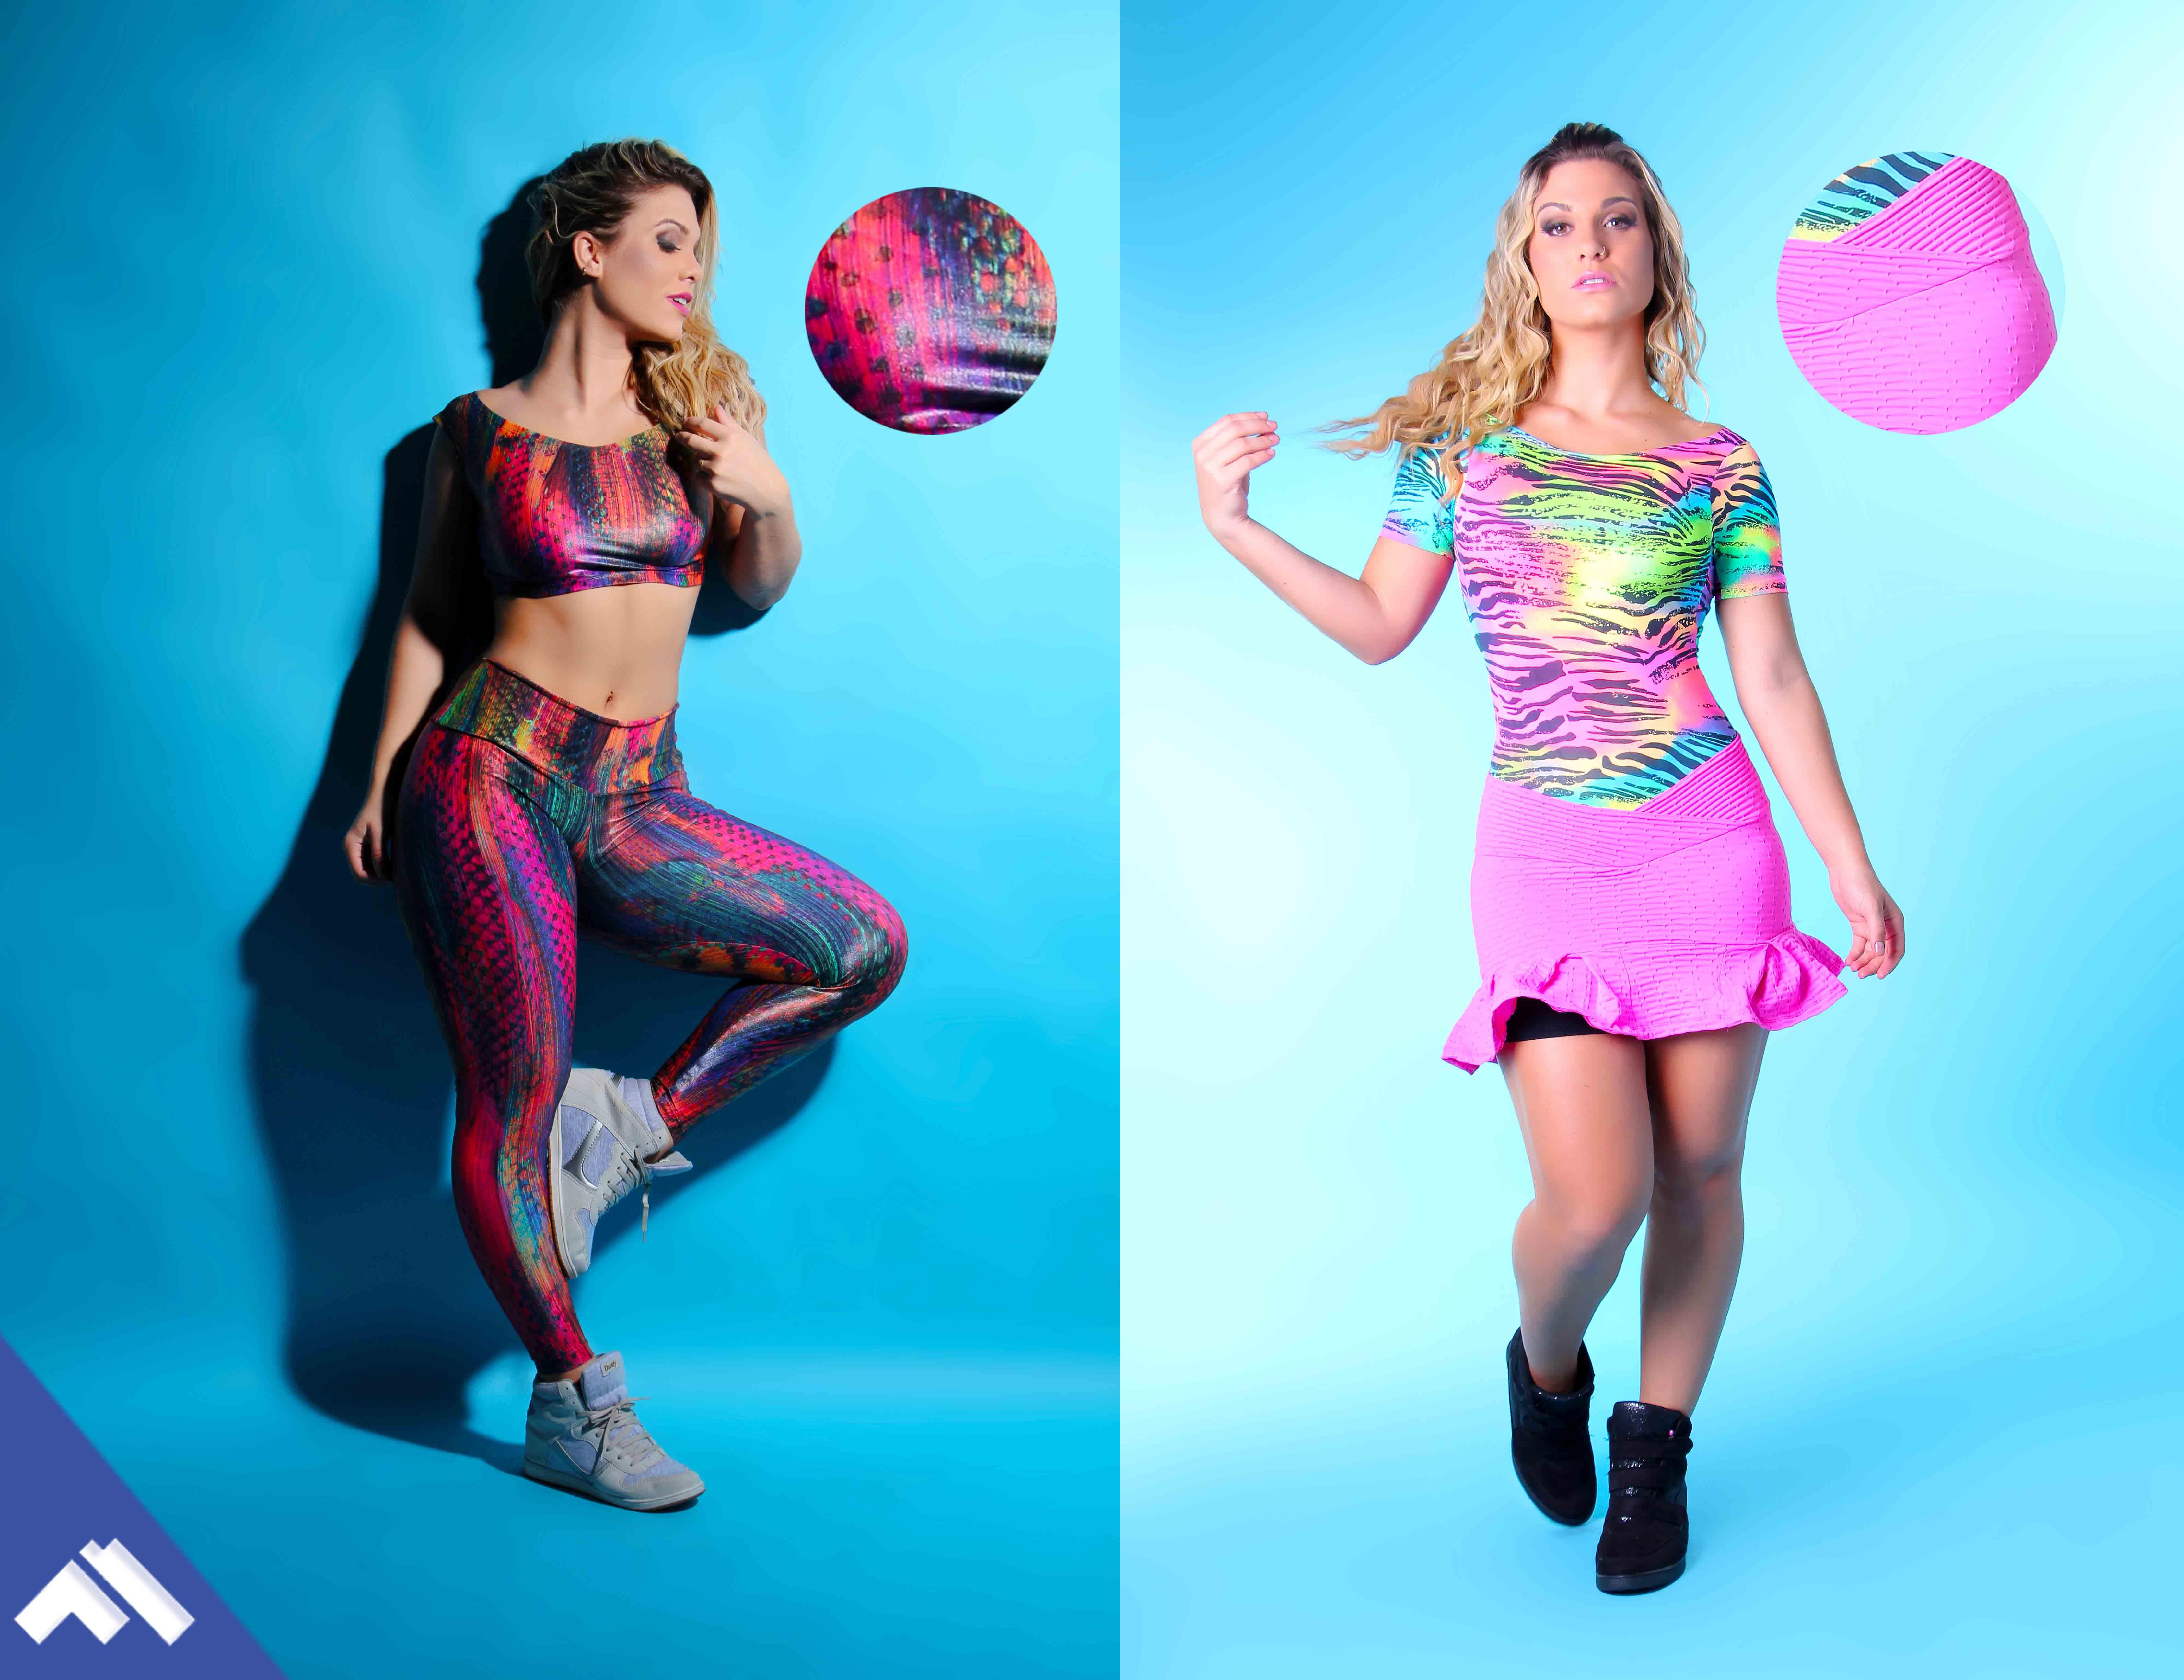 e26f51a798e0 Poliamida x Poliéster – Tipos de tecido moda Fitness | Blog Fitmoda